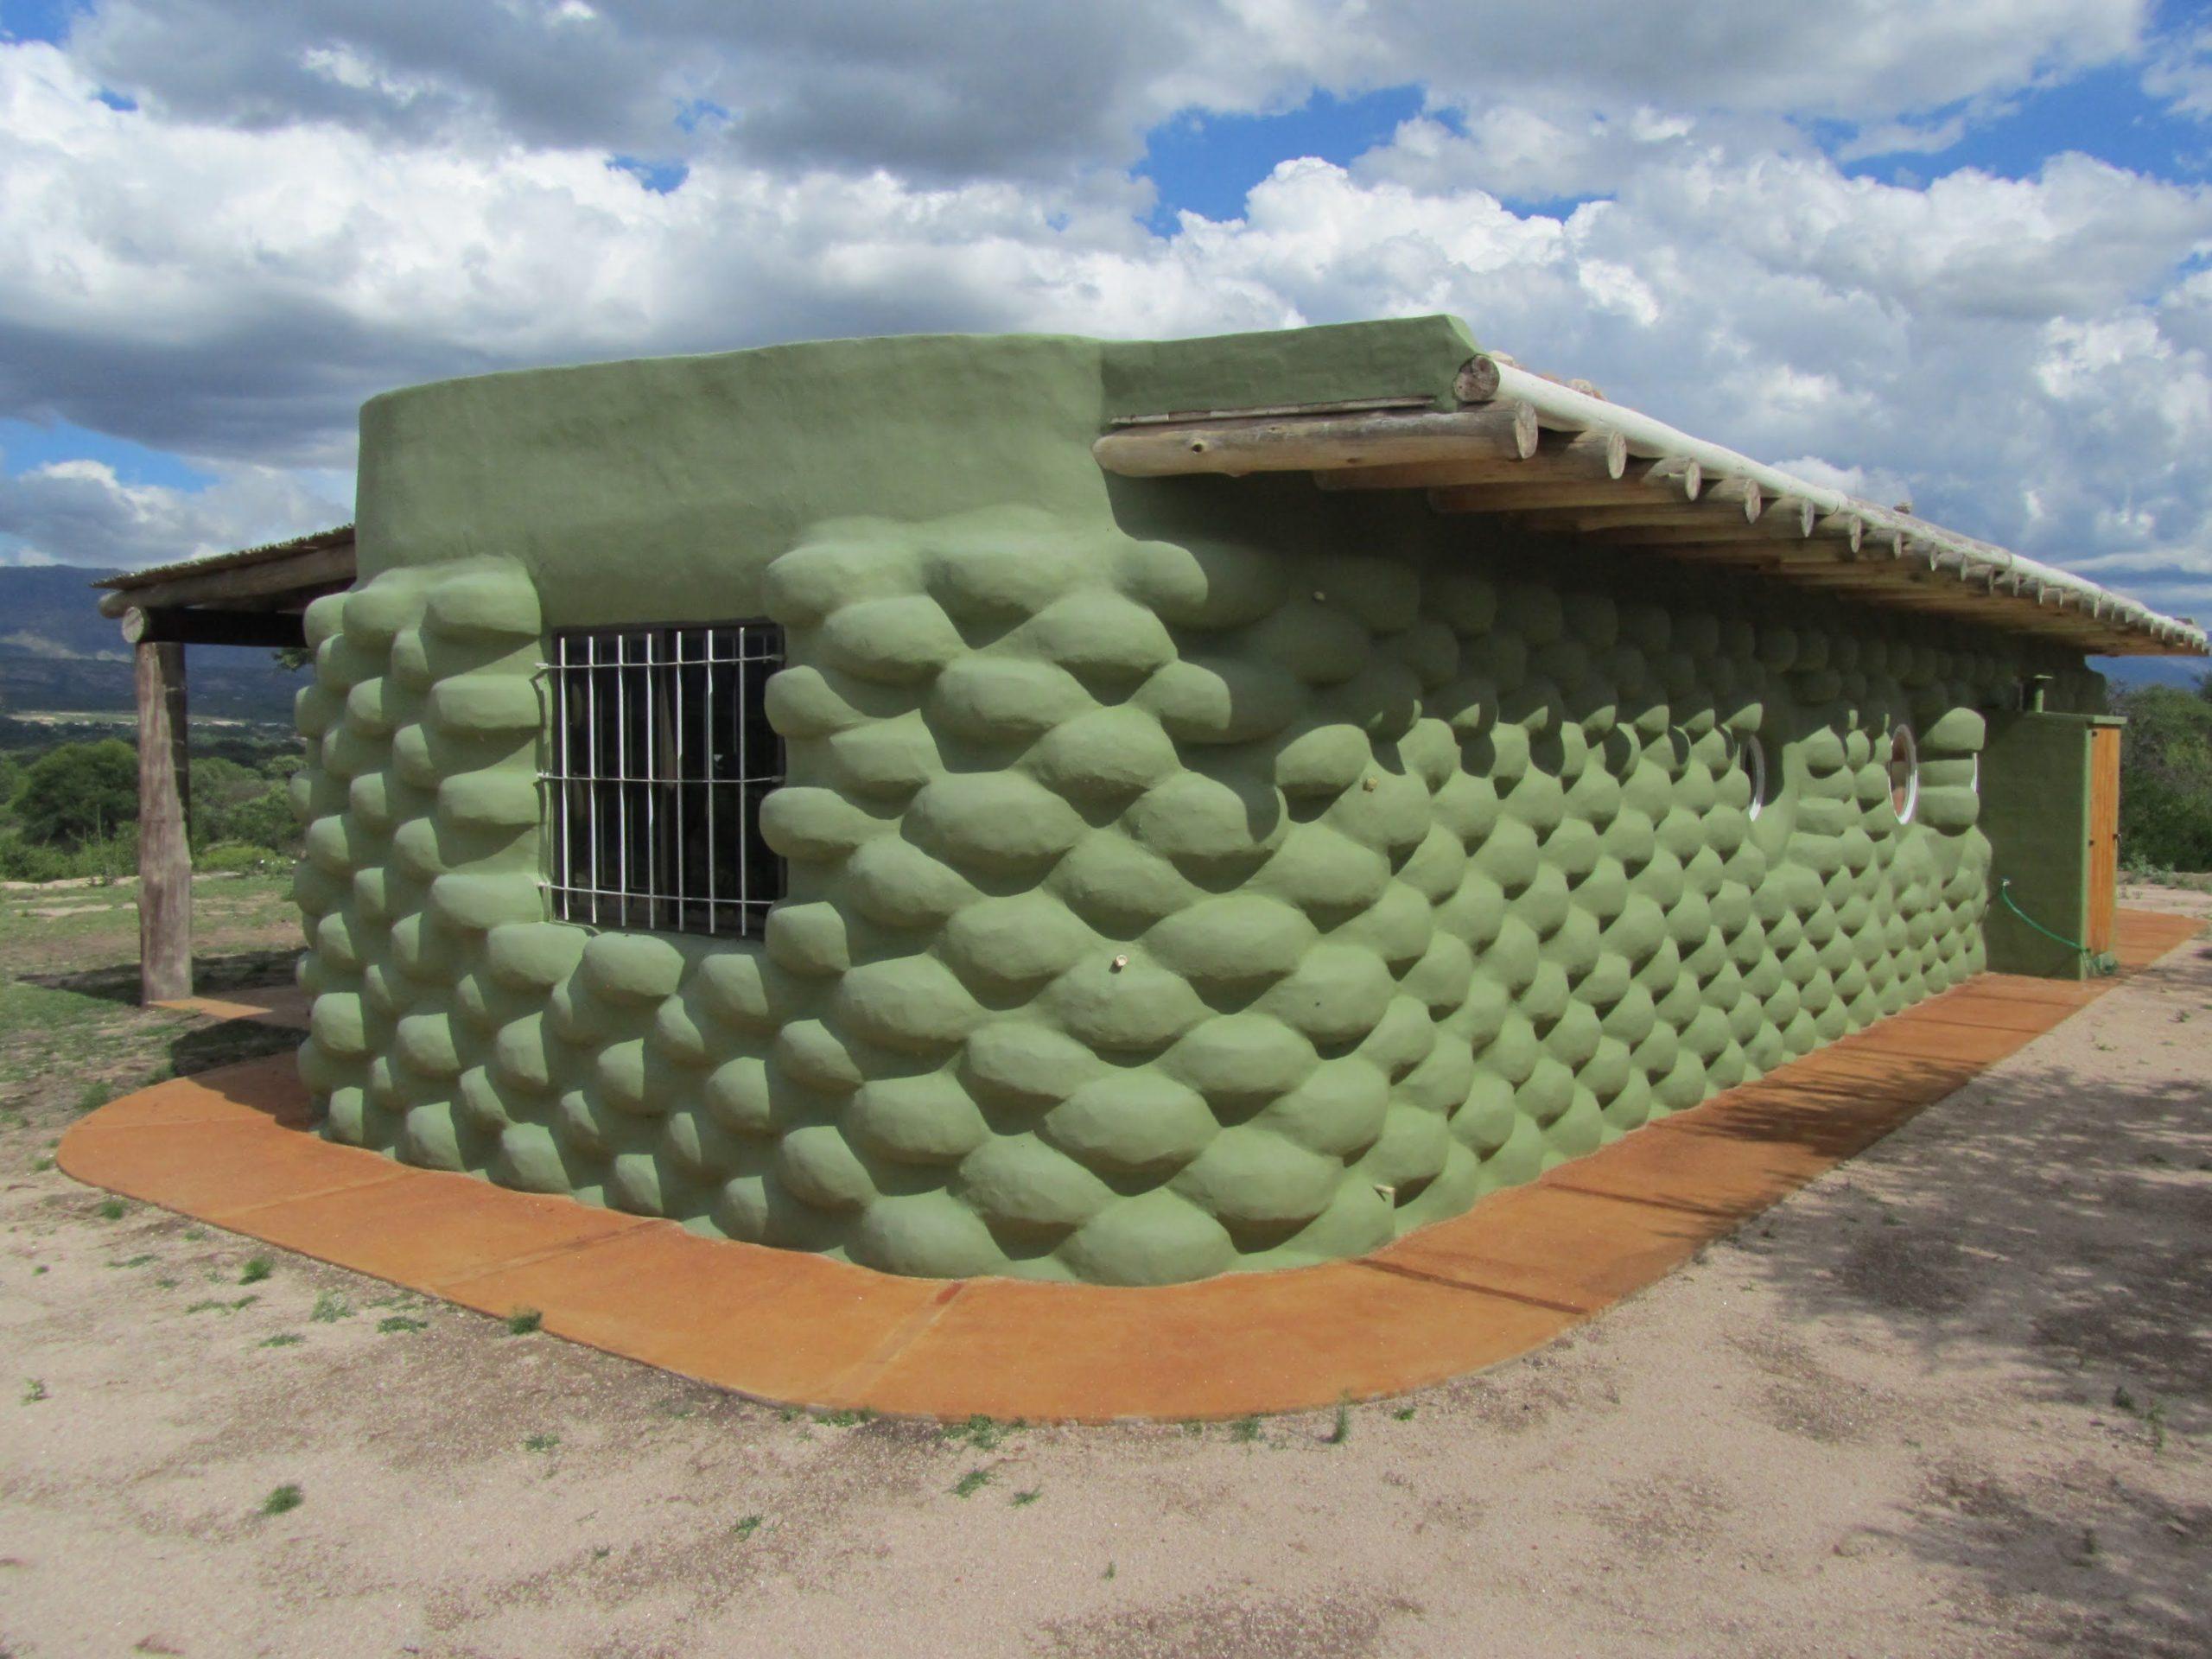 дом из покрышек зеленый корабль